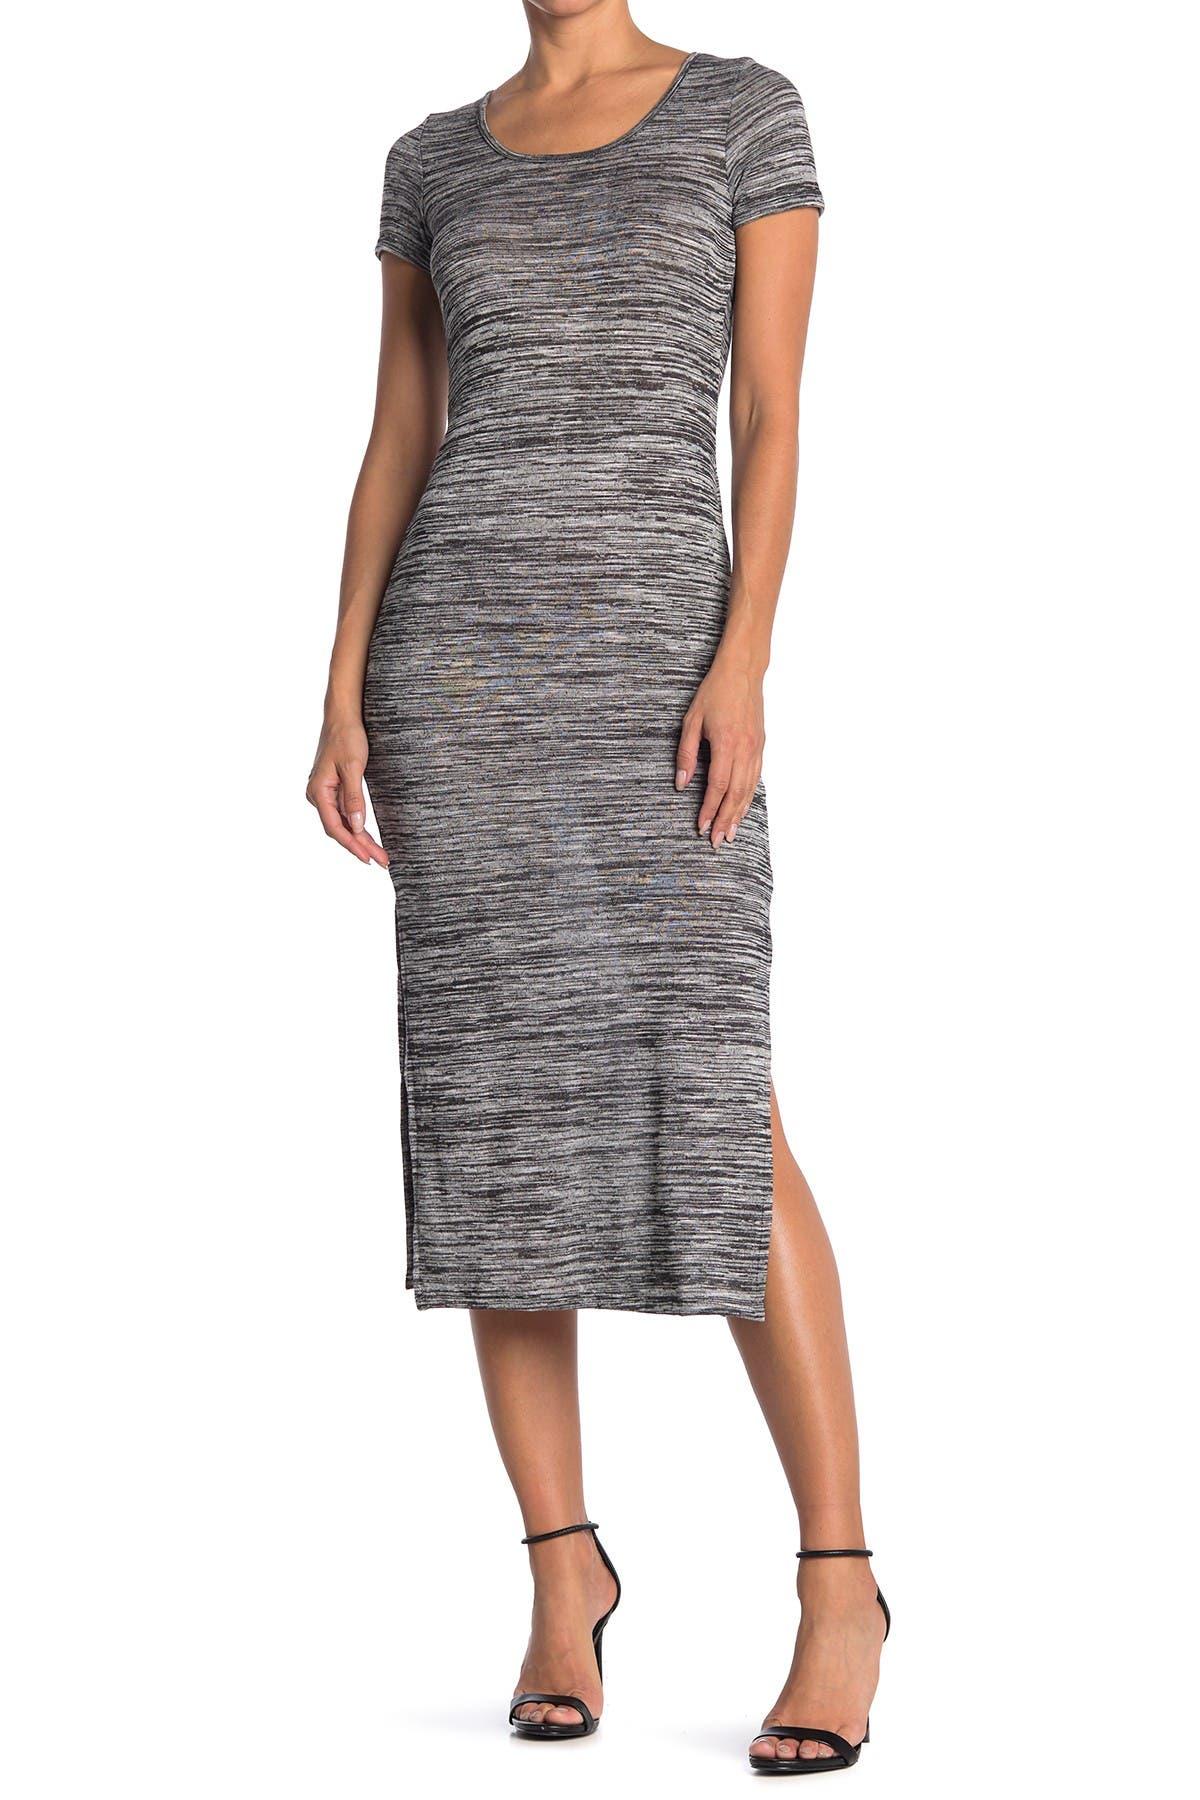 Image of Velvet Torch Cap Sleeve Midi Dress